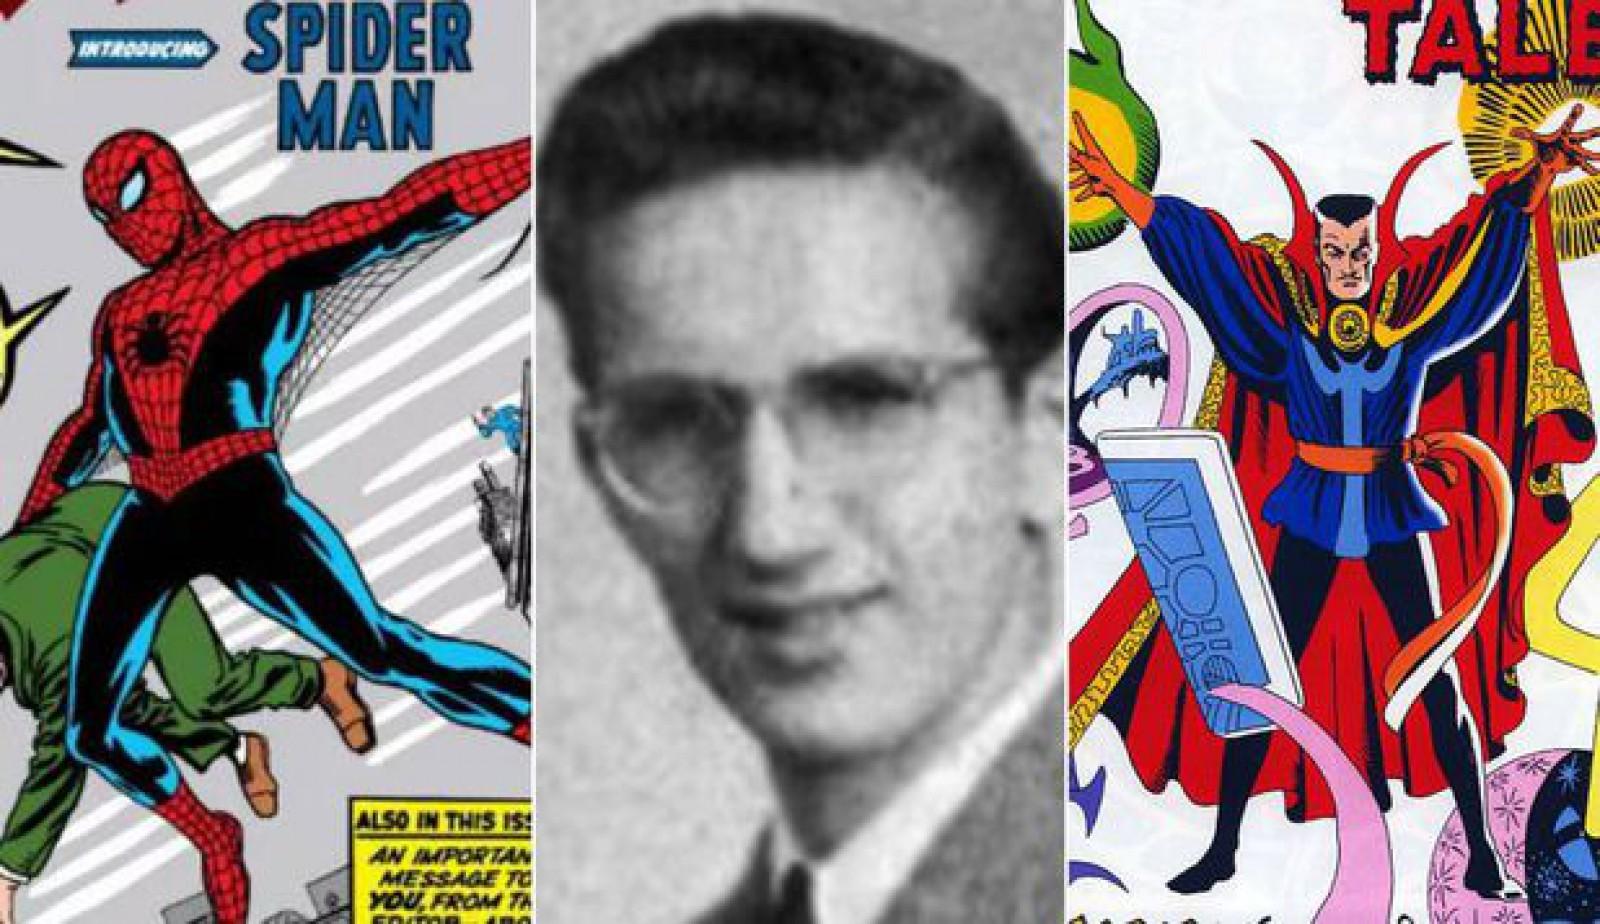 Creatorul lui Spider-Man a fost găsit mort în locuinţa sa